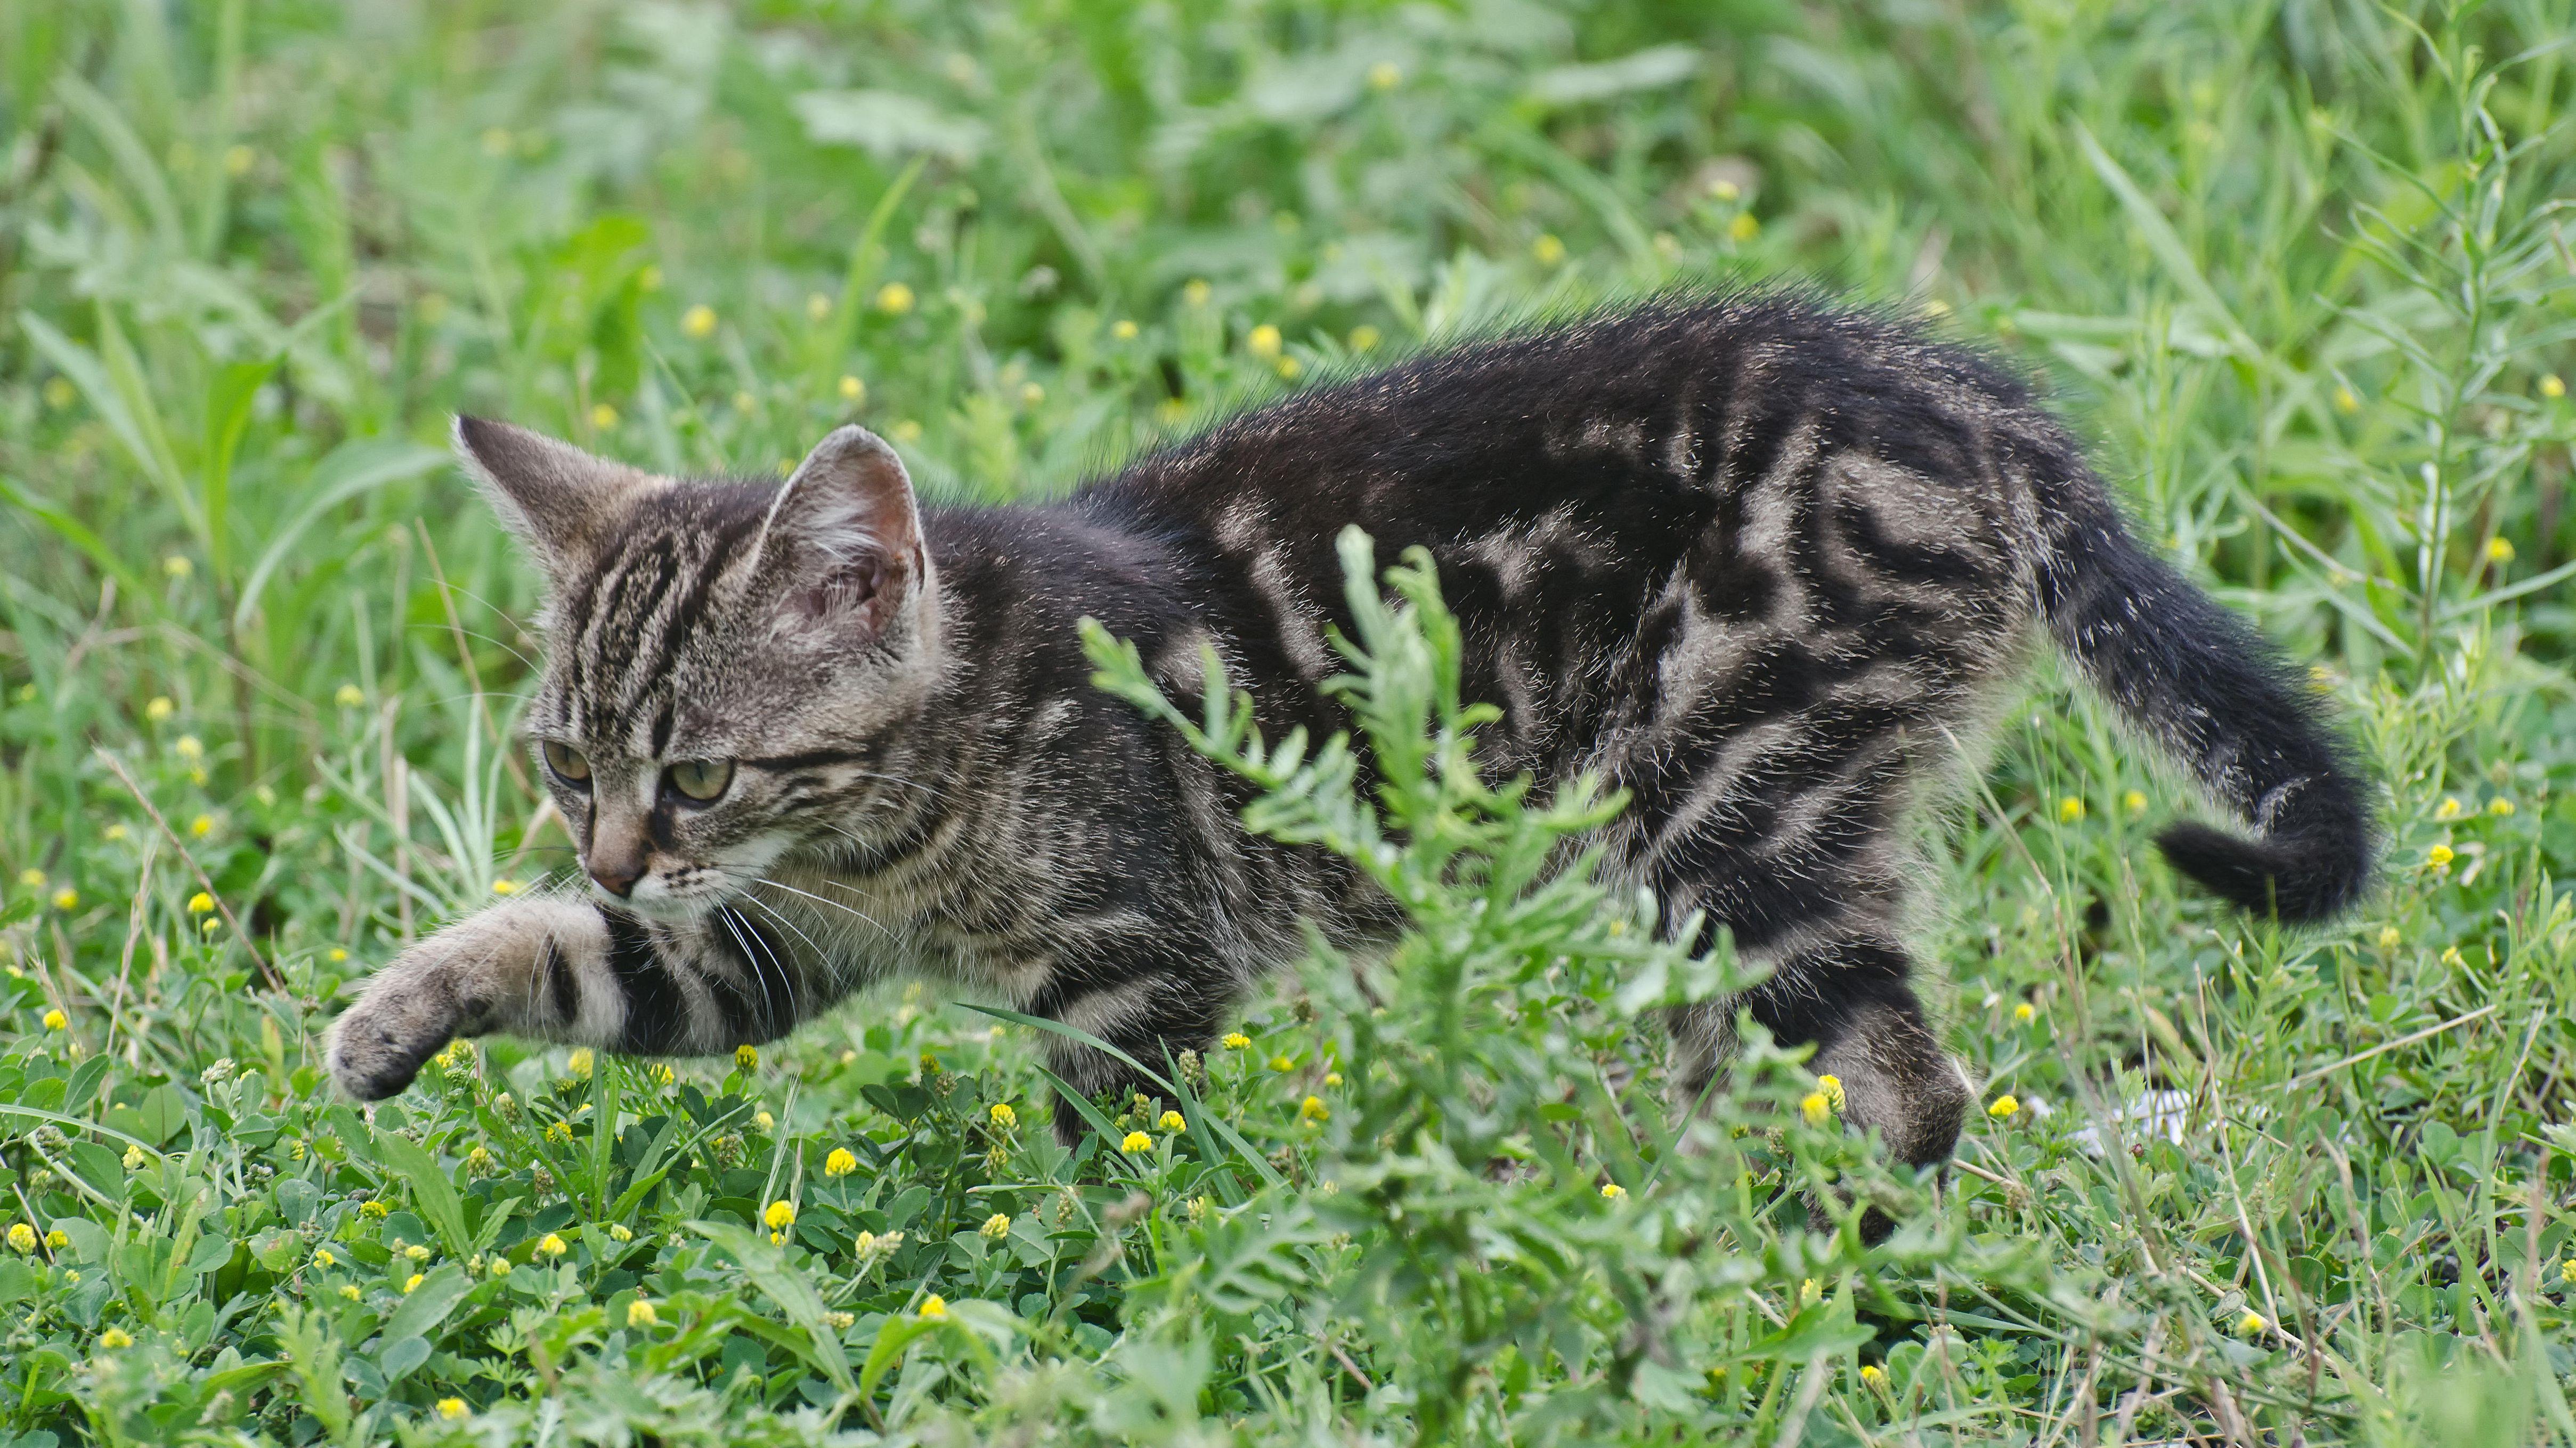 Eine Katze im Gras.